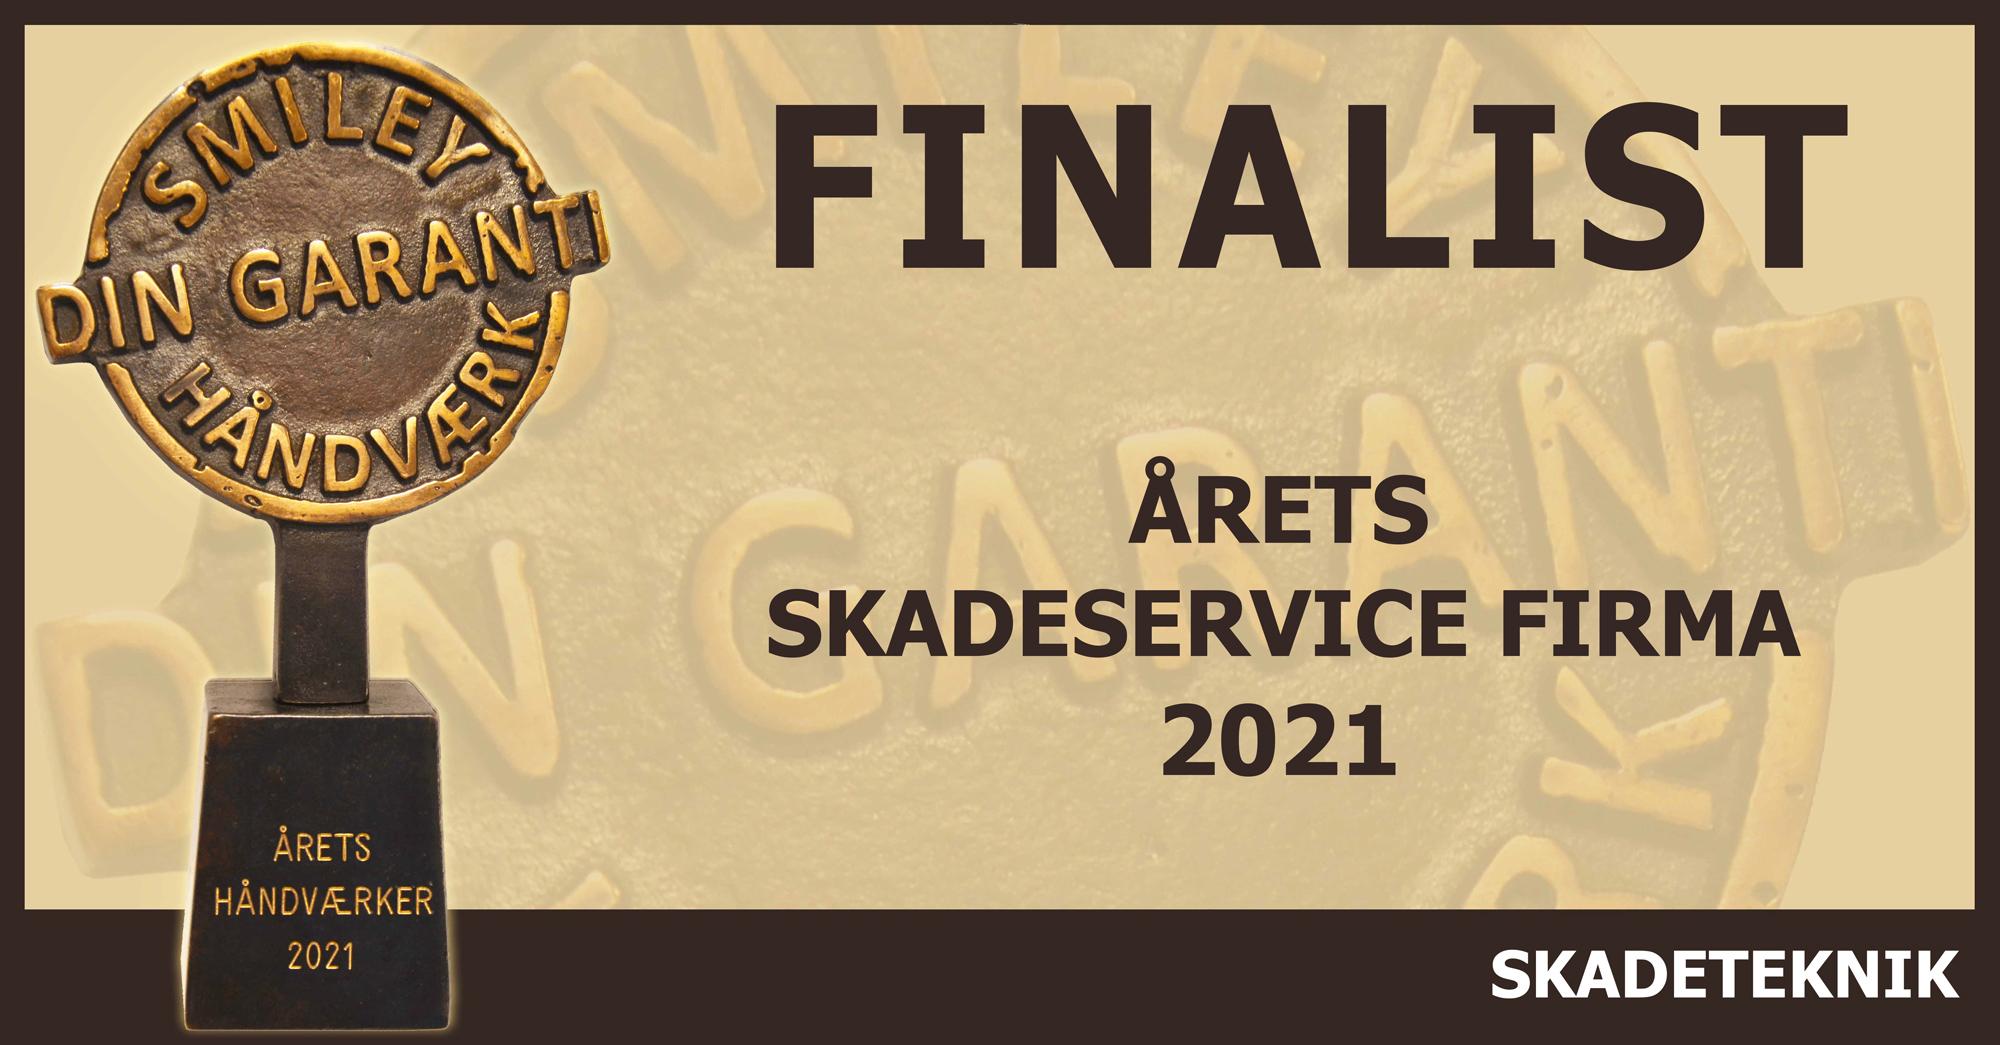 Finalist i anmeld håndværkers årets håndværker 2021 til årets skadeservicefirma